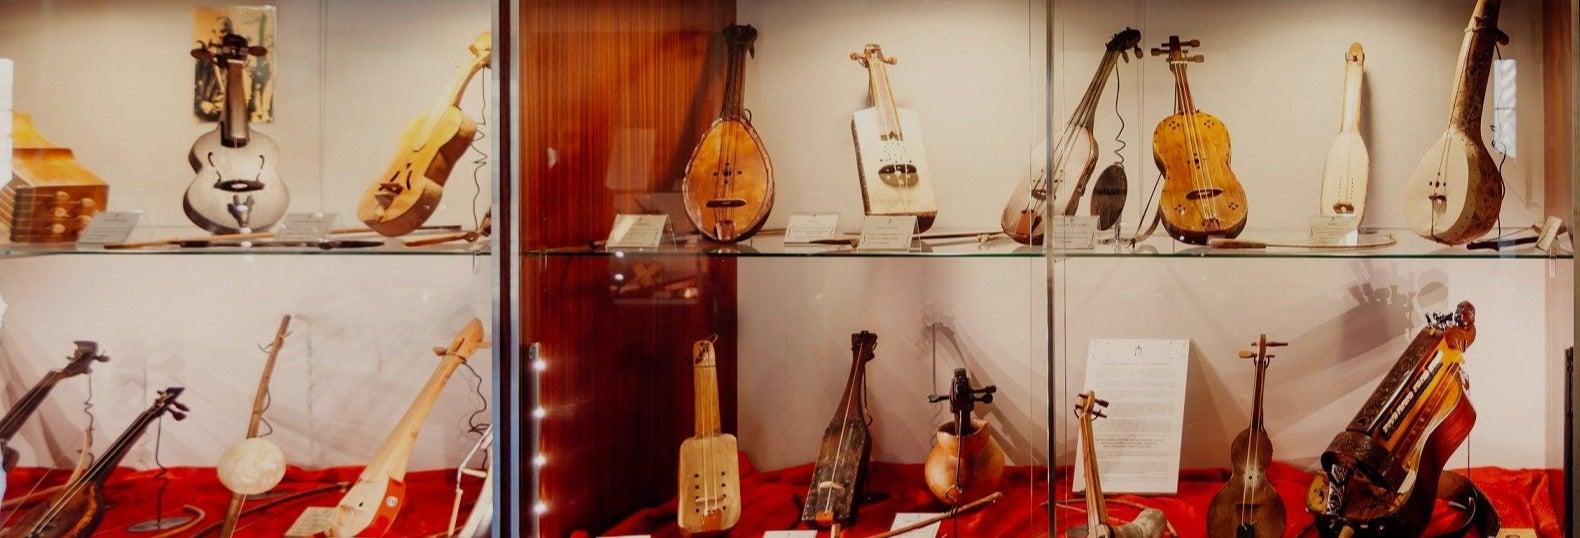 Visita guiada por el Aula Museo Paco Díez